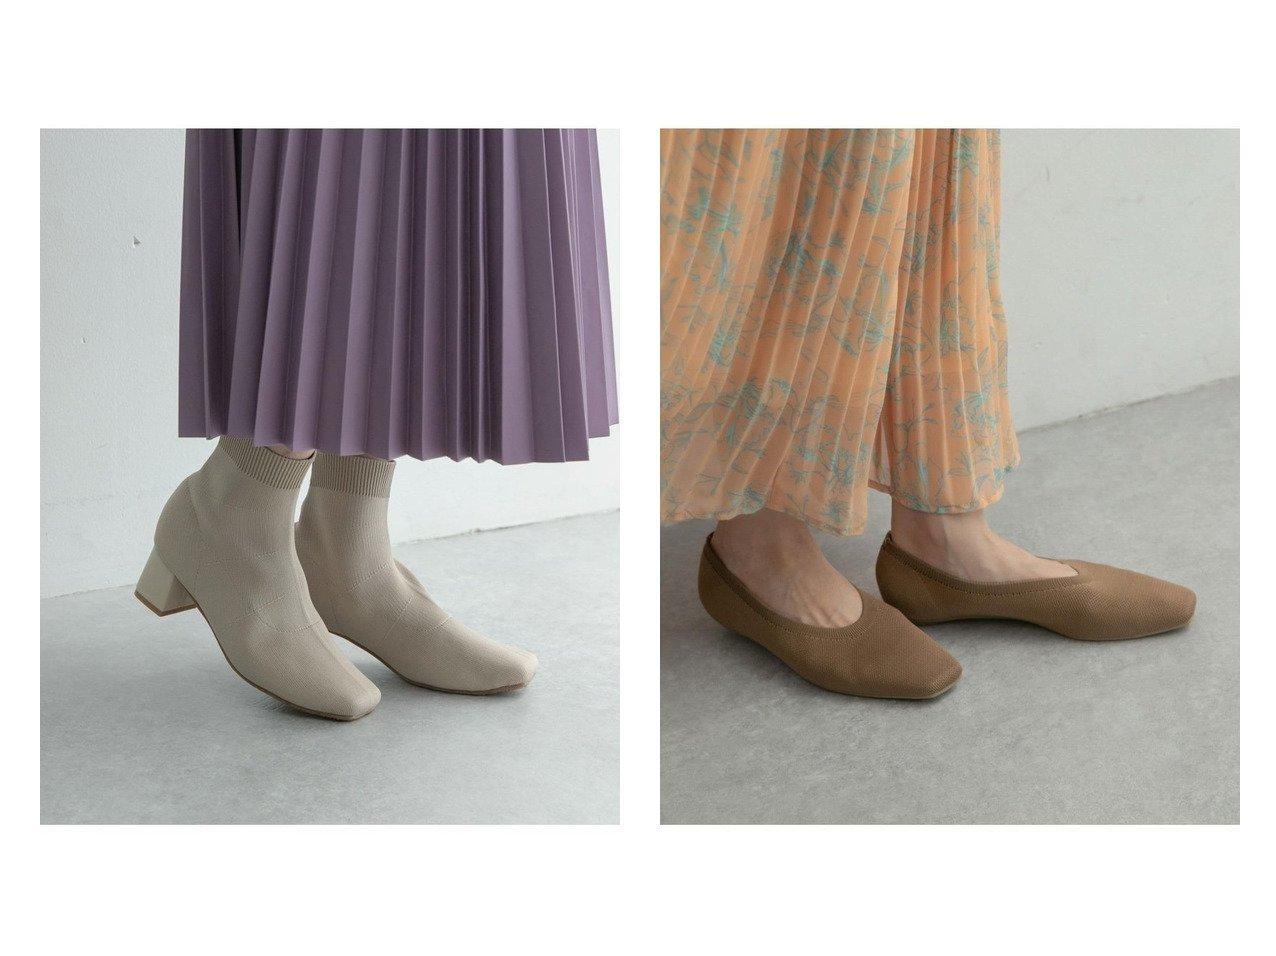 【RODE SKO/ロデスコ】のHILKKA フィットブーツ&HILJA フィットフラットシューズ シューズ・靴のおすすめ!人気、トレンド・レディースファッションの通販  おすすめで人気の流行・トレンド、ファッションの通販商品 メンズファッション・キッズファッション・インテリア・家具・レディースファッション・服の通販 founy(ファニー) https://founy.com/ ファッション Fashion レディースファッション WOMEN シューズ ショート フィット 春 バレエ フラット |ID:crp329100000009804